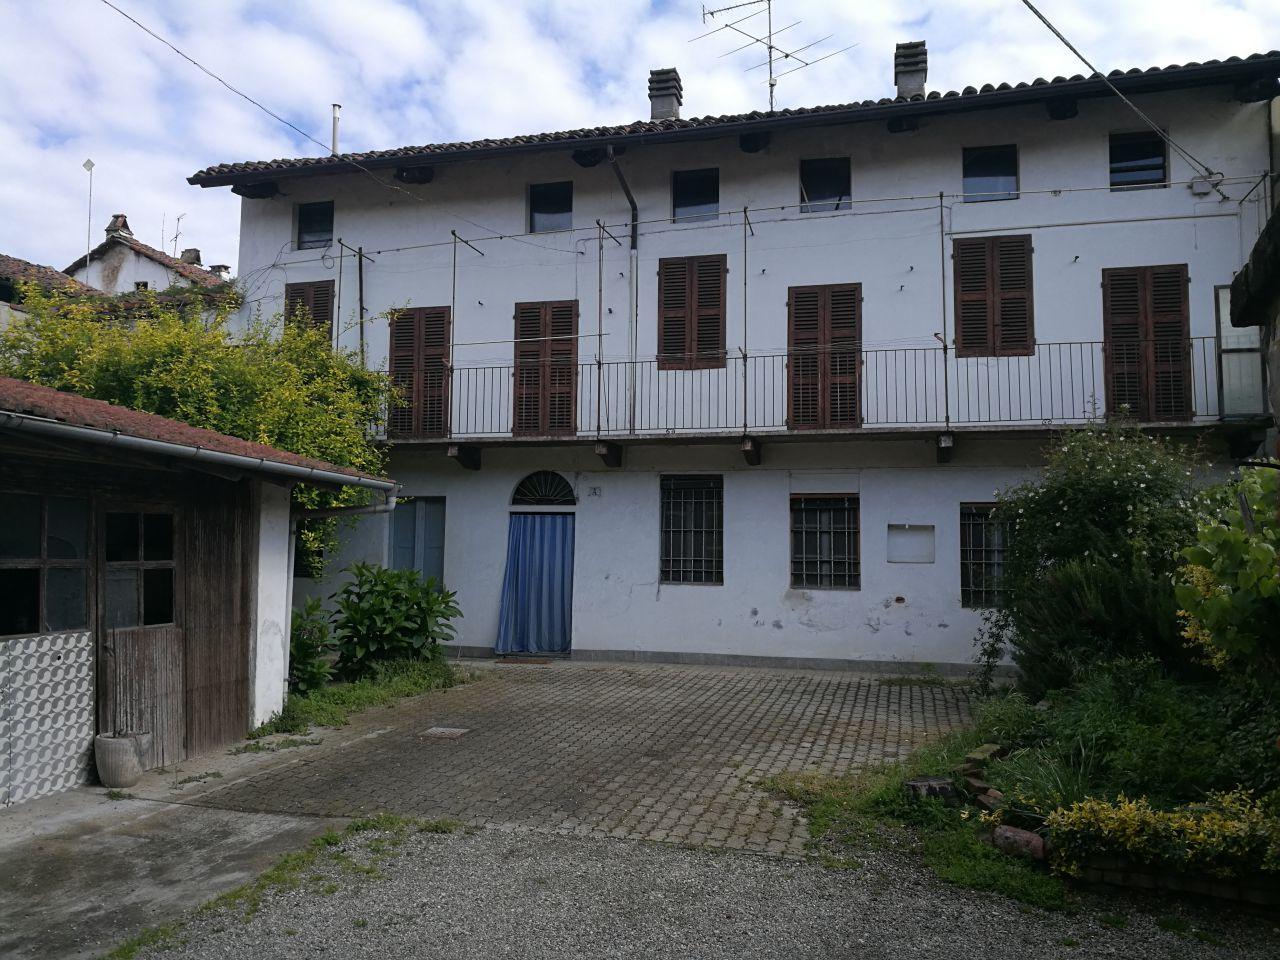 Soluzione Indipendente in vendita a Crescentino, 8 locali, prezzo € 100.000 | Cambio Casa.it